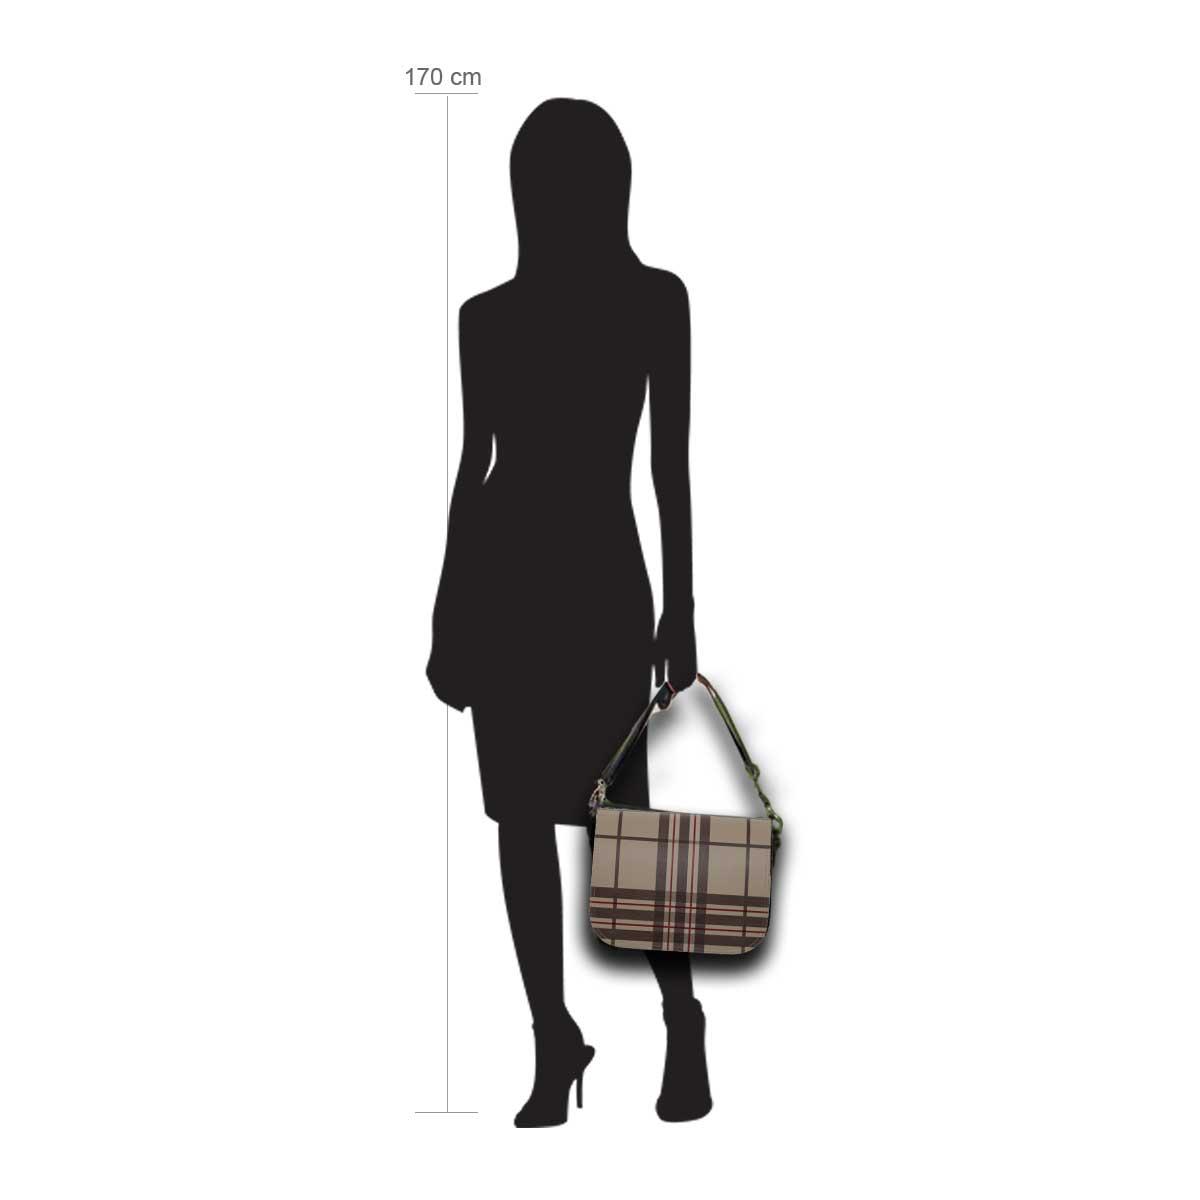 Modellpuppe 170 cm groß zeigt die Handtaschengröße an der Person Modell:Bristol